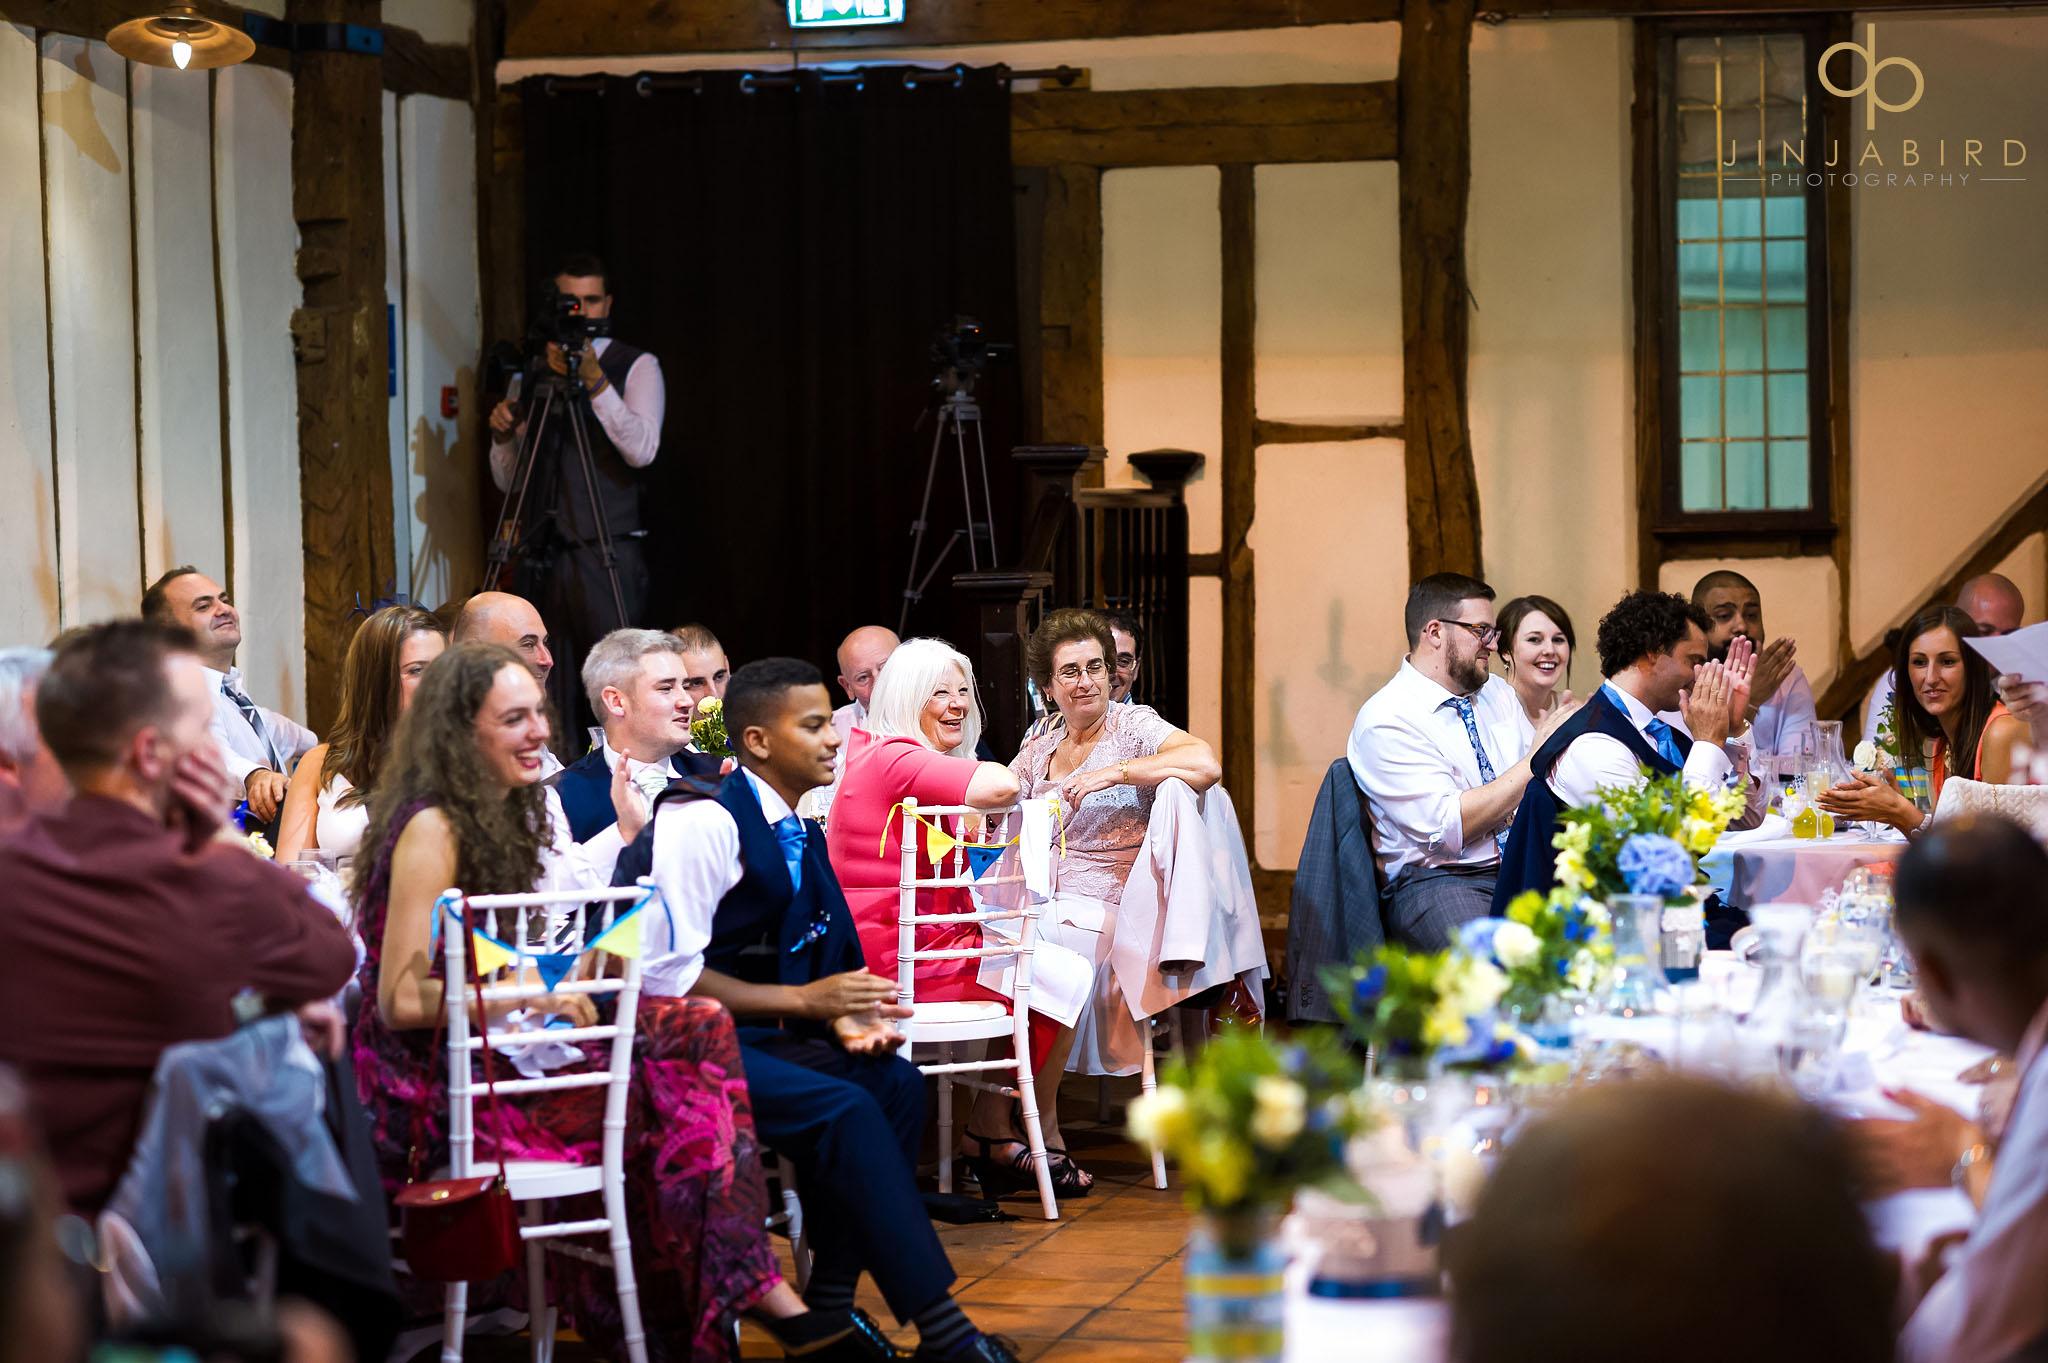 wedding-guest-listening-to-speeches